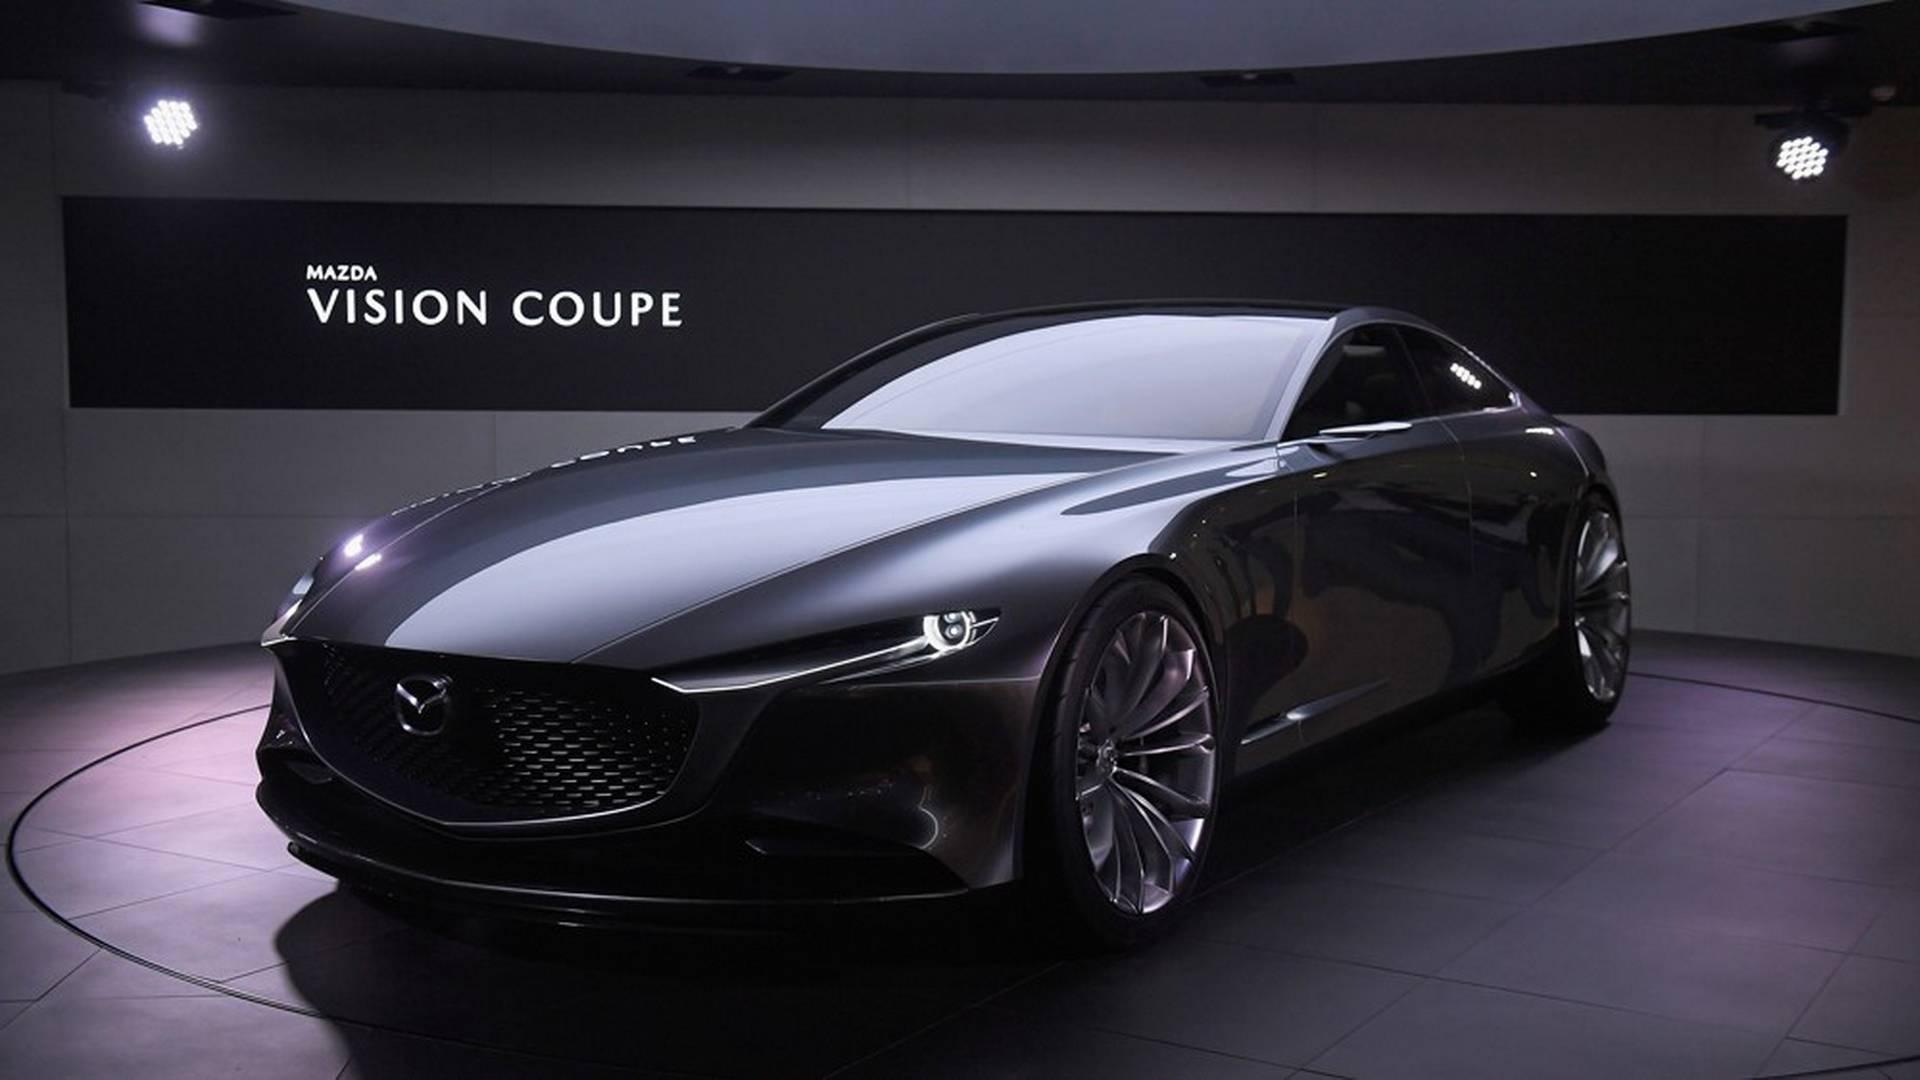 mazda vision coupe concept is stunning four door elegance. Black Bedroom Furniture Sets. Home Design Ideas